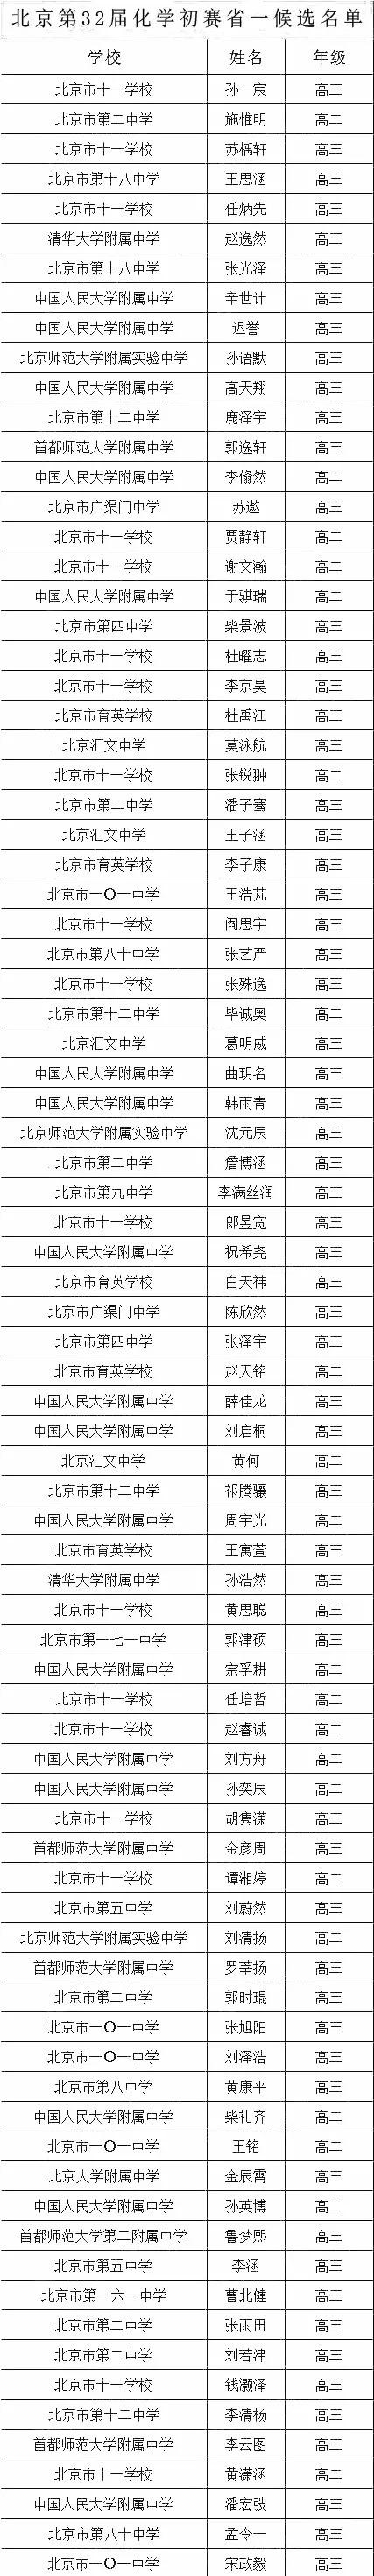 北京第32届化学初赛省一候选名单出炉!共84人